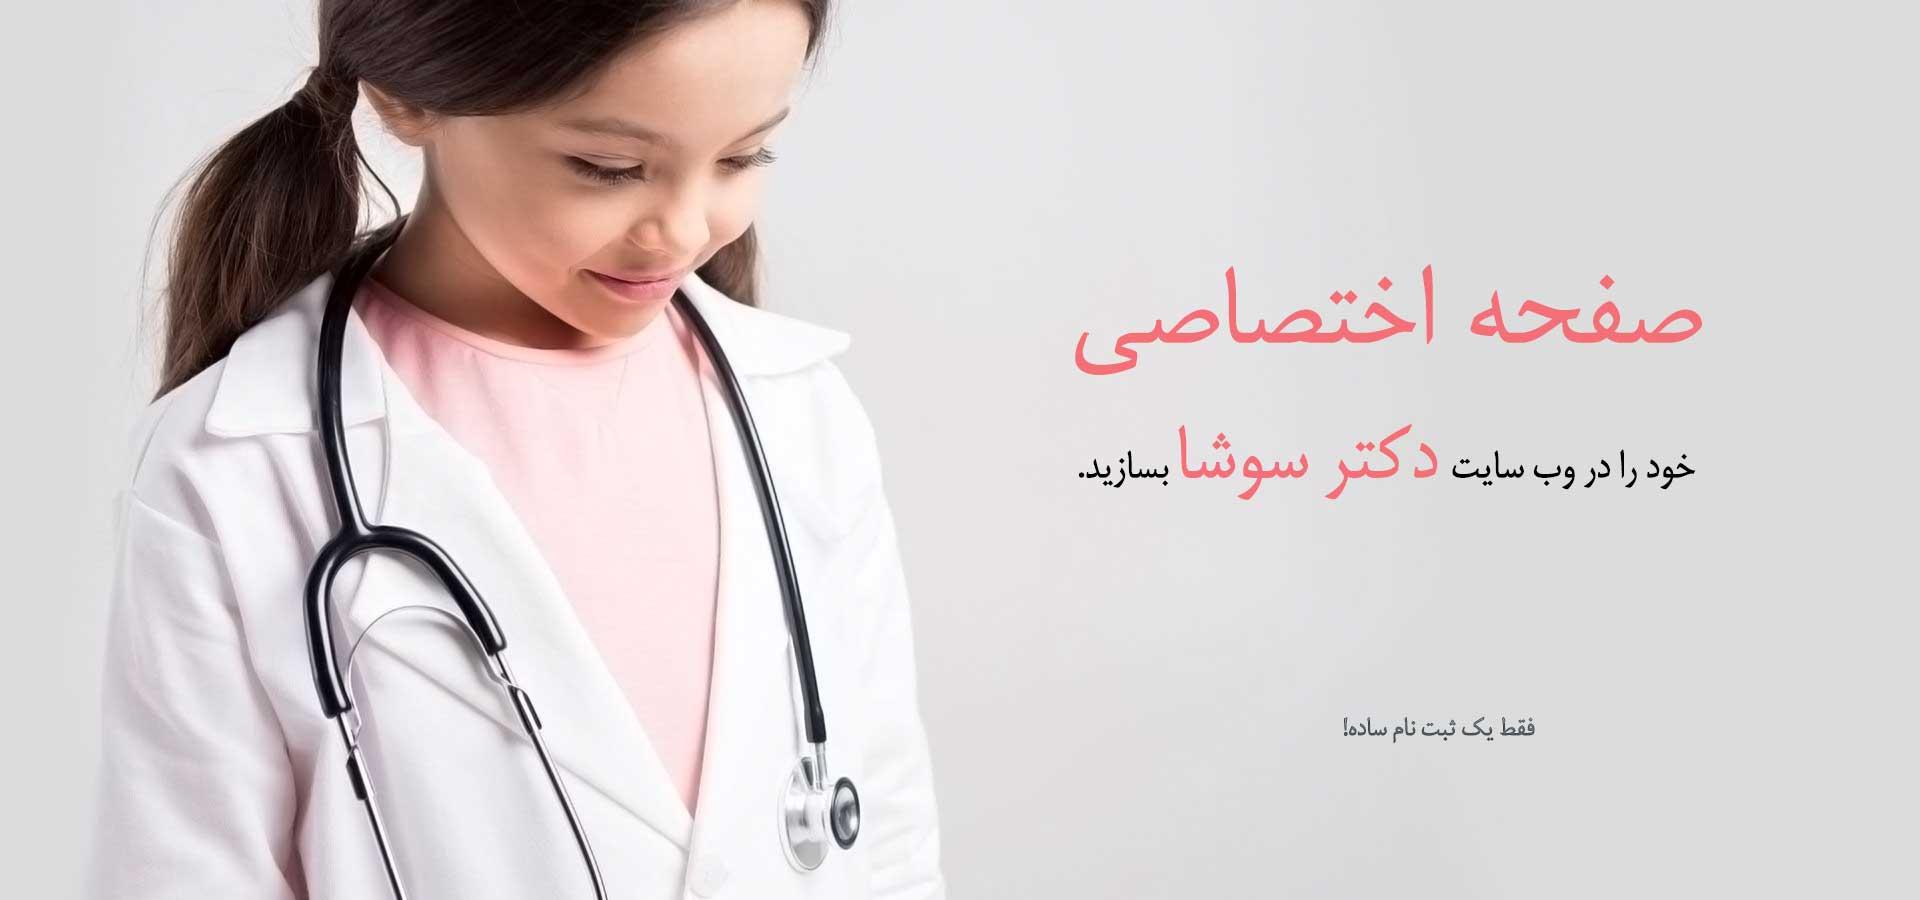 ثبت نام پزشکان